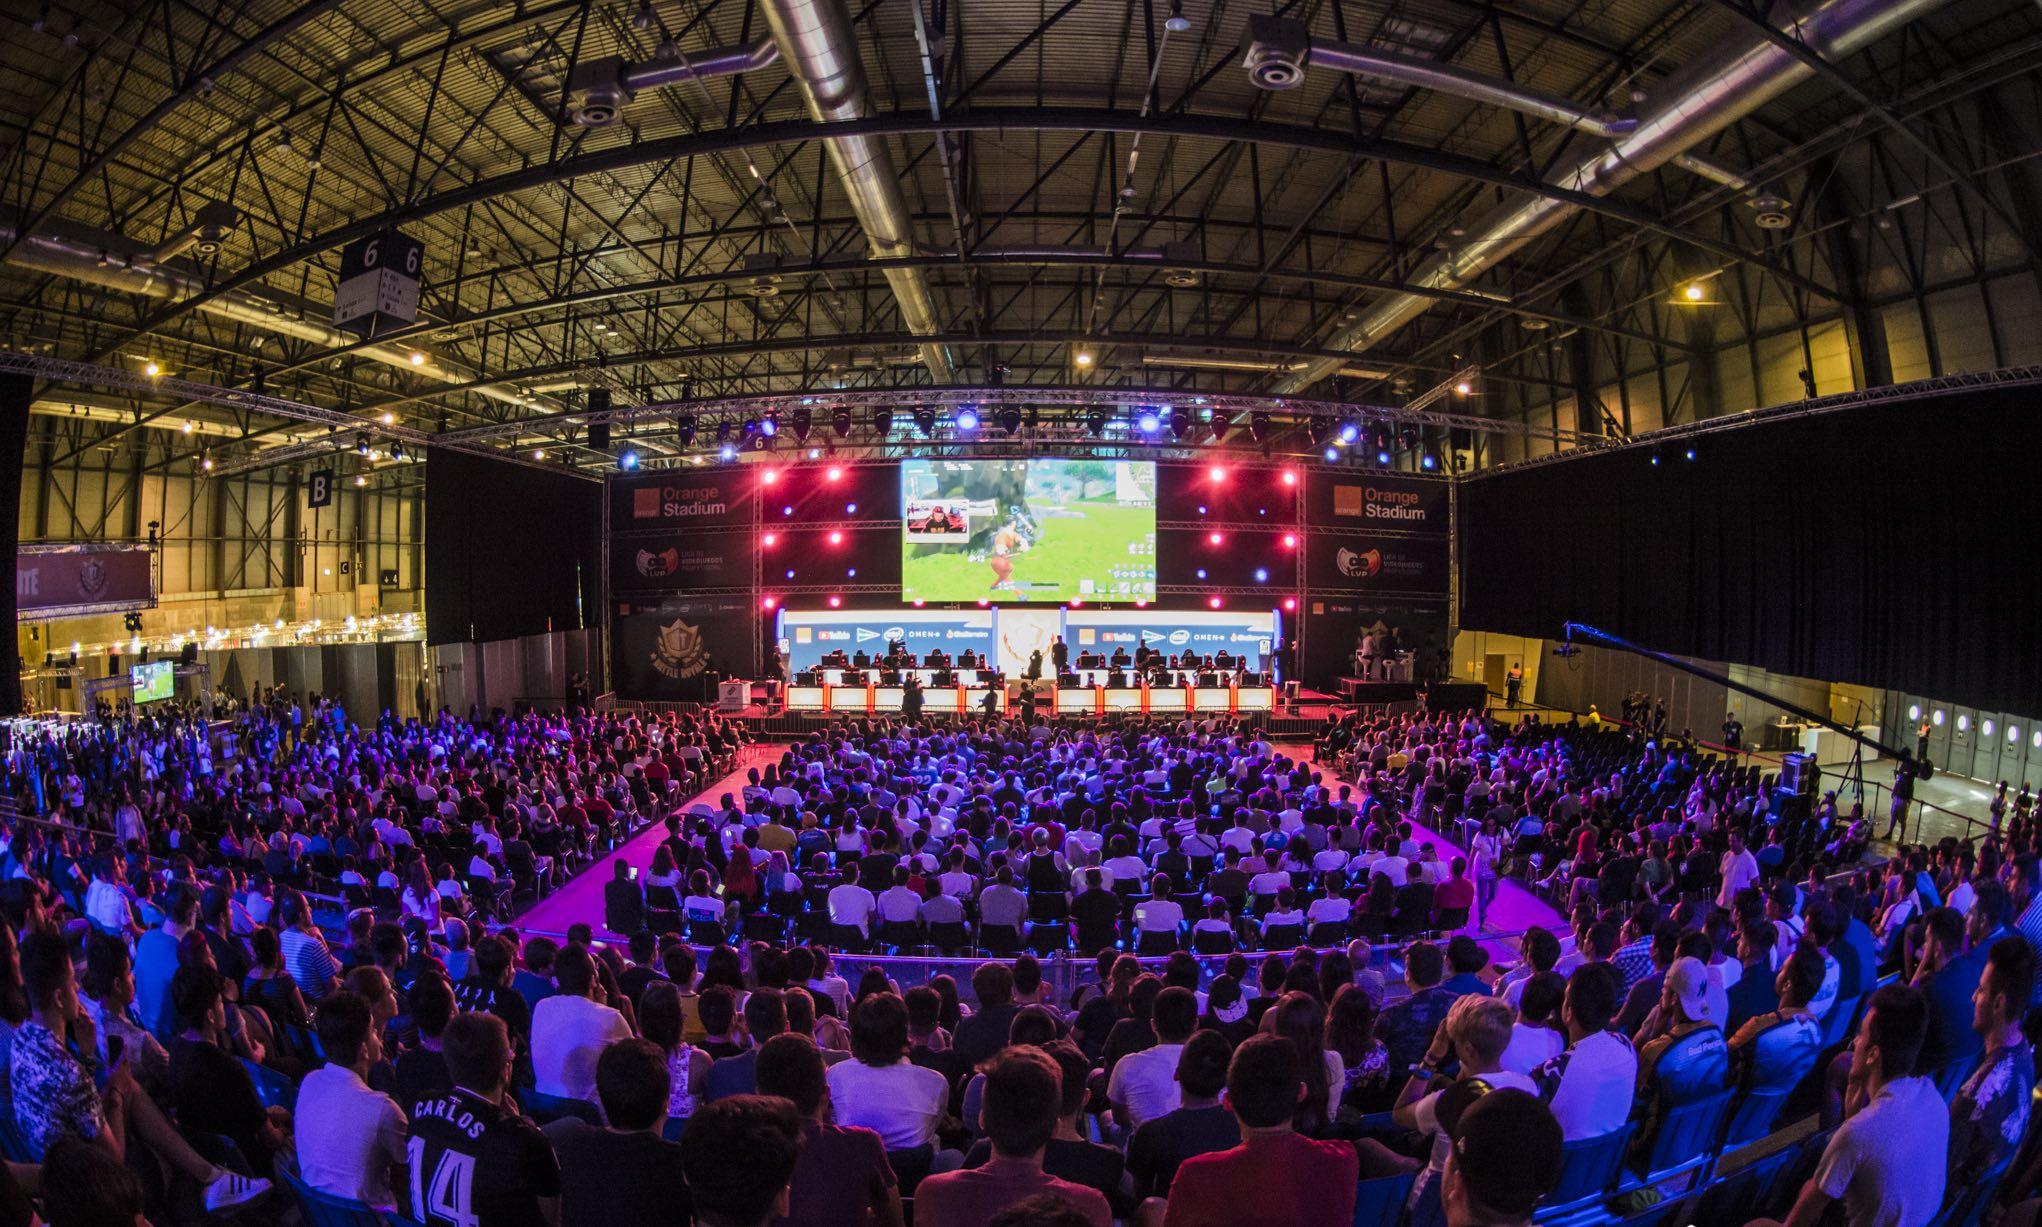 """La décima edición de Gamergy alza el telón con el mejor programa de contenidos de su historia - La décima edición de Gamergy, el mayor evento de España de e-sports organizado por LVP (Grupo MEDIAPRO) e IFEMA Feria de Madrid, alza el telón esta tarde (16:00 horas) con el programa de contenidos más completo de su historia. Gamergy volverá a ser el punto de encuentro para la comunidad gamer y, en concreto, para los amantes de las competiciones de videojuegos.Dentro de ese programa destacan las finales de la Superliga Orange de CS:GO y de Clash Royale, la jornada presencial de League of Legends, el torneo internacional Gamergy Masters de Brawl Stars y, como gran show de apertura, el Stars Battle Royale que volverá a reunir sobre el escenario de Gamergy a los 100 YouTubers más famosos del mundo en lengua hispana.""""Cuando nació Gamergy en 2014 nos propusimos que se convirtiera en el encuentro indispensable para los fans del gaming y los e-sports. Sin duda que en estos seis años lo hemos conseguido. Y la décima edición es la guinda del pastel, con multitud de actividades diferentes para los fans de las competiciones de videojuegos"""", explica Sergi Mesonero, responsable de Relaciones Institucionales de LVP.Un conjunto de actividades que, según el Director de GAMERGY, Asier Labarga, """"tiene en la Feria de Madrid el mejor escenario para su celebración con las mejores garantías de éxito"""". Asimismo, en el recinto ferial de IFEMA no faltarán durante los tres días de evento algunas actividades clásicas de GAMERGY como el Maratón o el Takis Reta al Gamer, así como algunas novedosas como el King of the Hill, en el que los asistentes tendrán la oportunidad de ponerse a prueba en diversos juegos y llevarse a casa un montón de premios. De hecho, ese es otro de los segmentos que han aumentado en GAMERGY: la bolsa de premios superará los 100 mil euros y será la más cuantiosa de la historia.Territorio de competición, del viernes 21 de junio al domingo 23 de junio habrá un inmenso espacio de"""